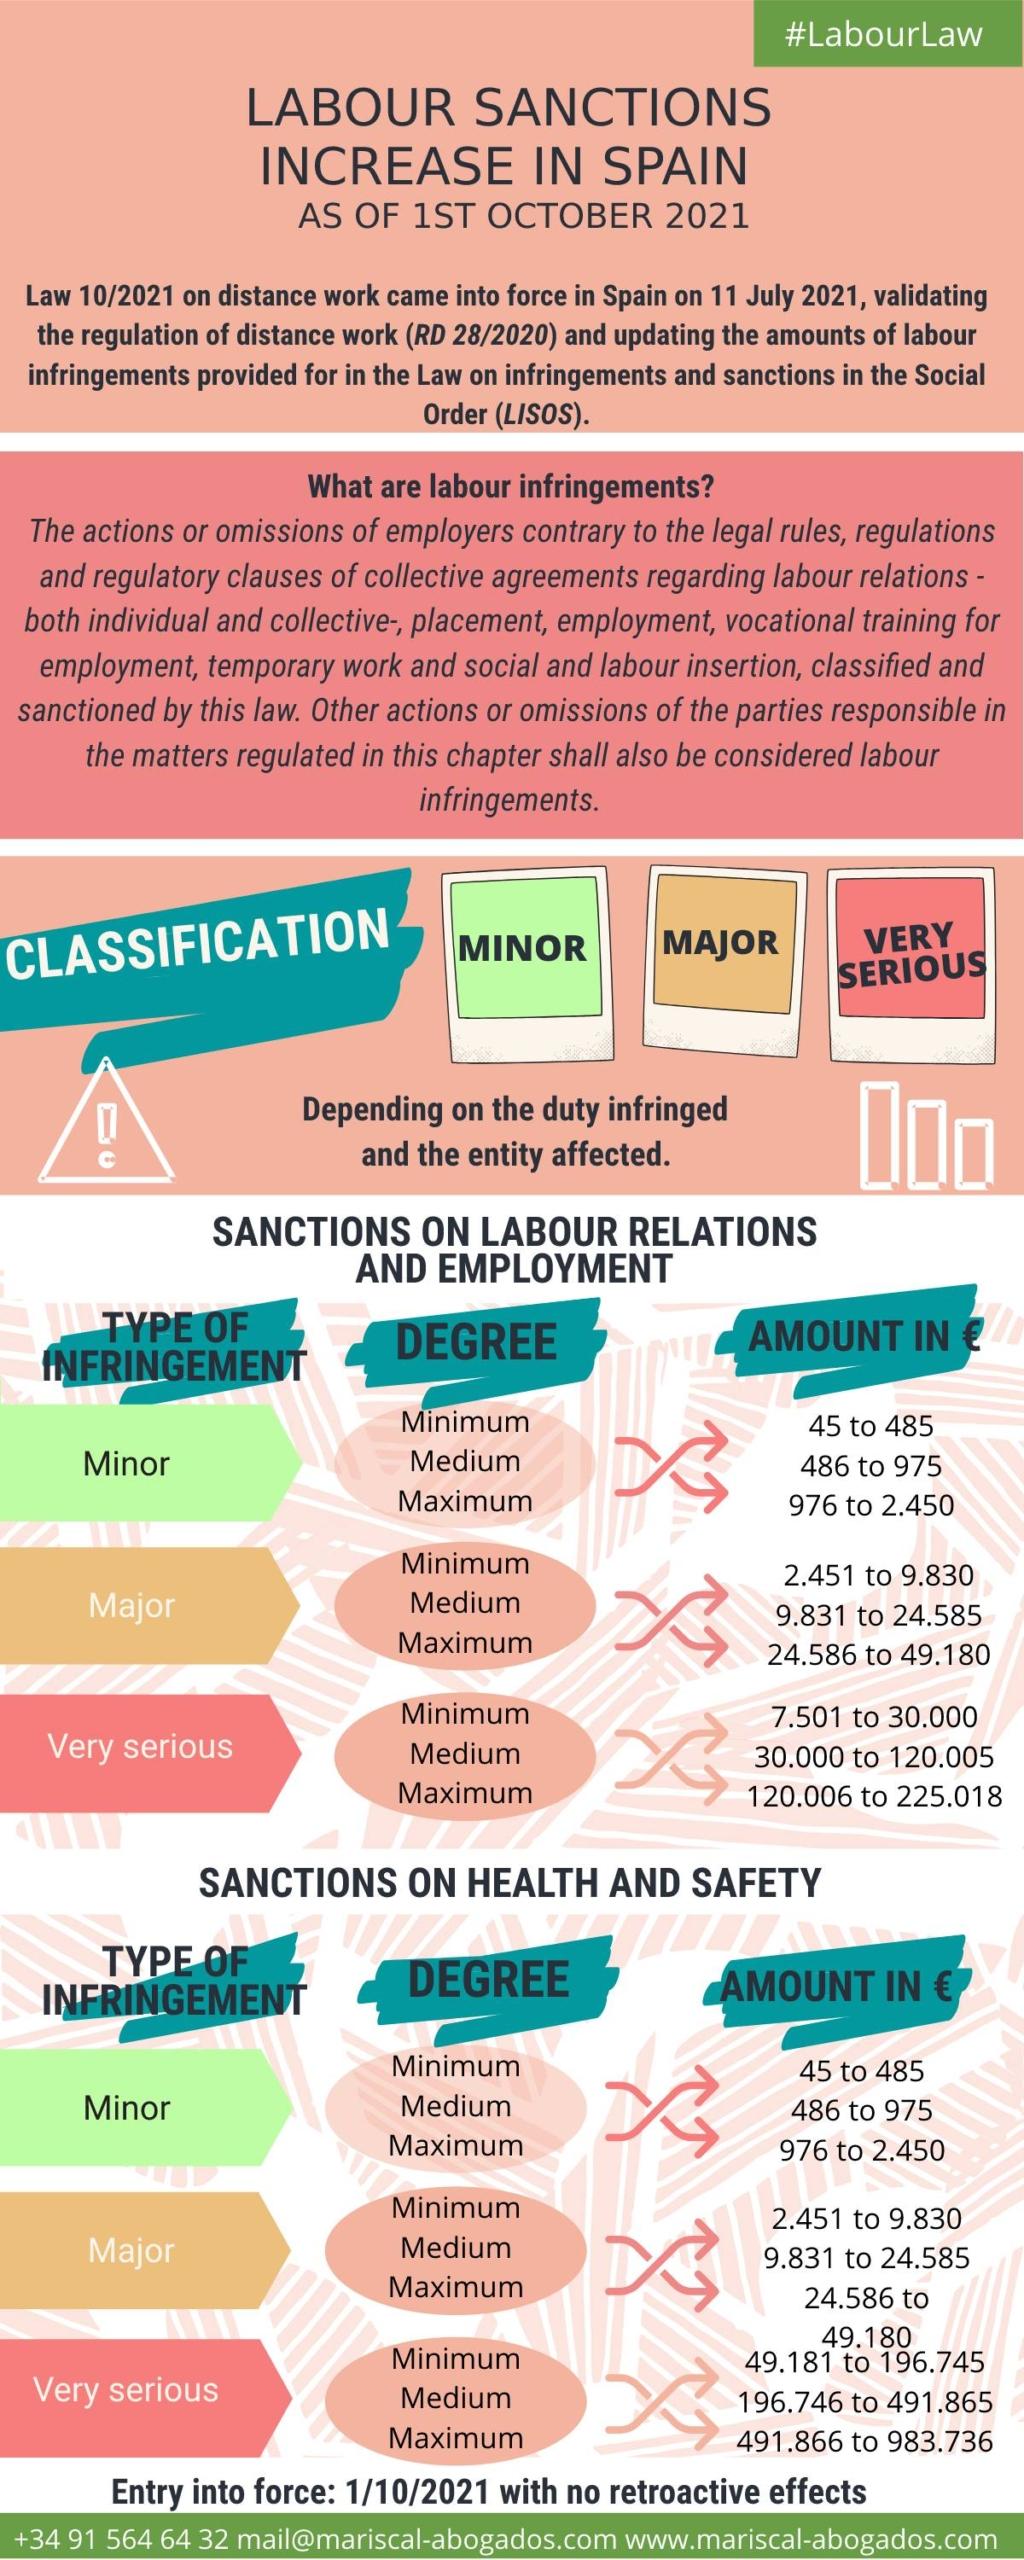 Labour sanctions in Spain